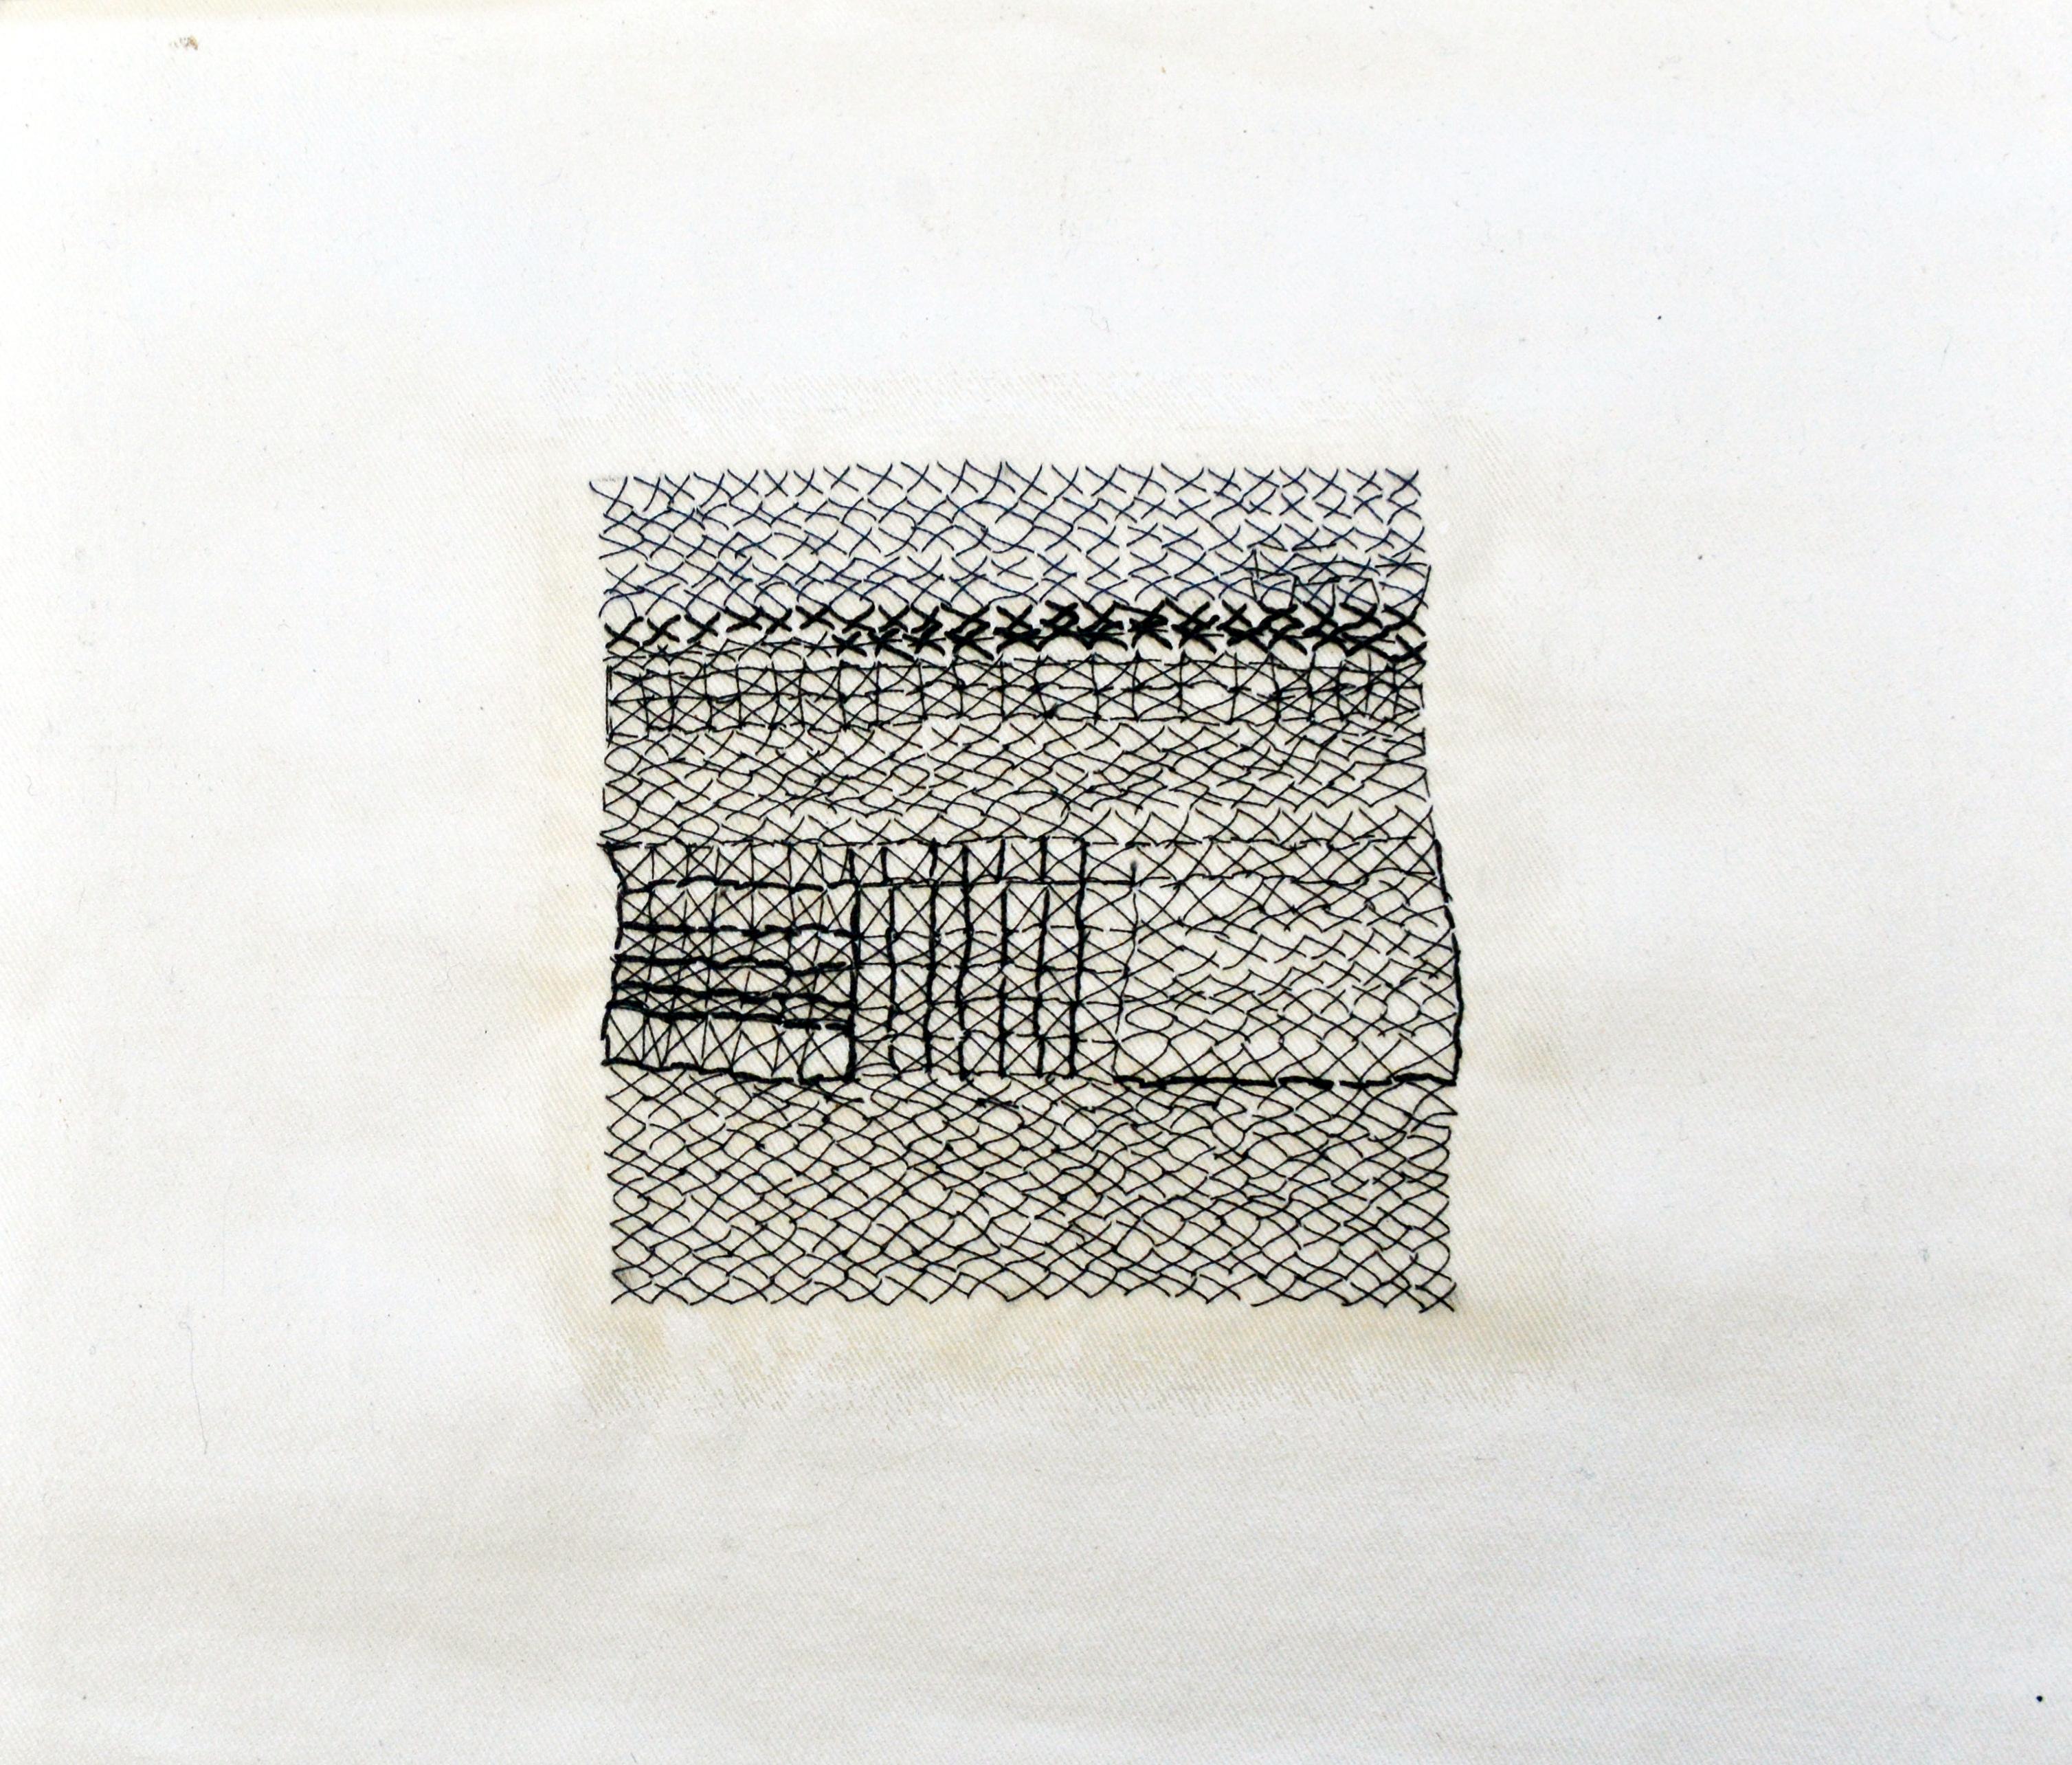 nr 1 - Z.T. borduurwerk op grafiek geinspireerd afm. 26-26 cm.